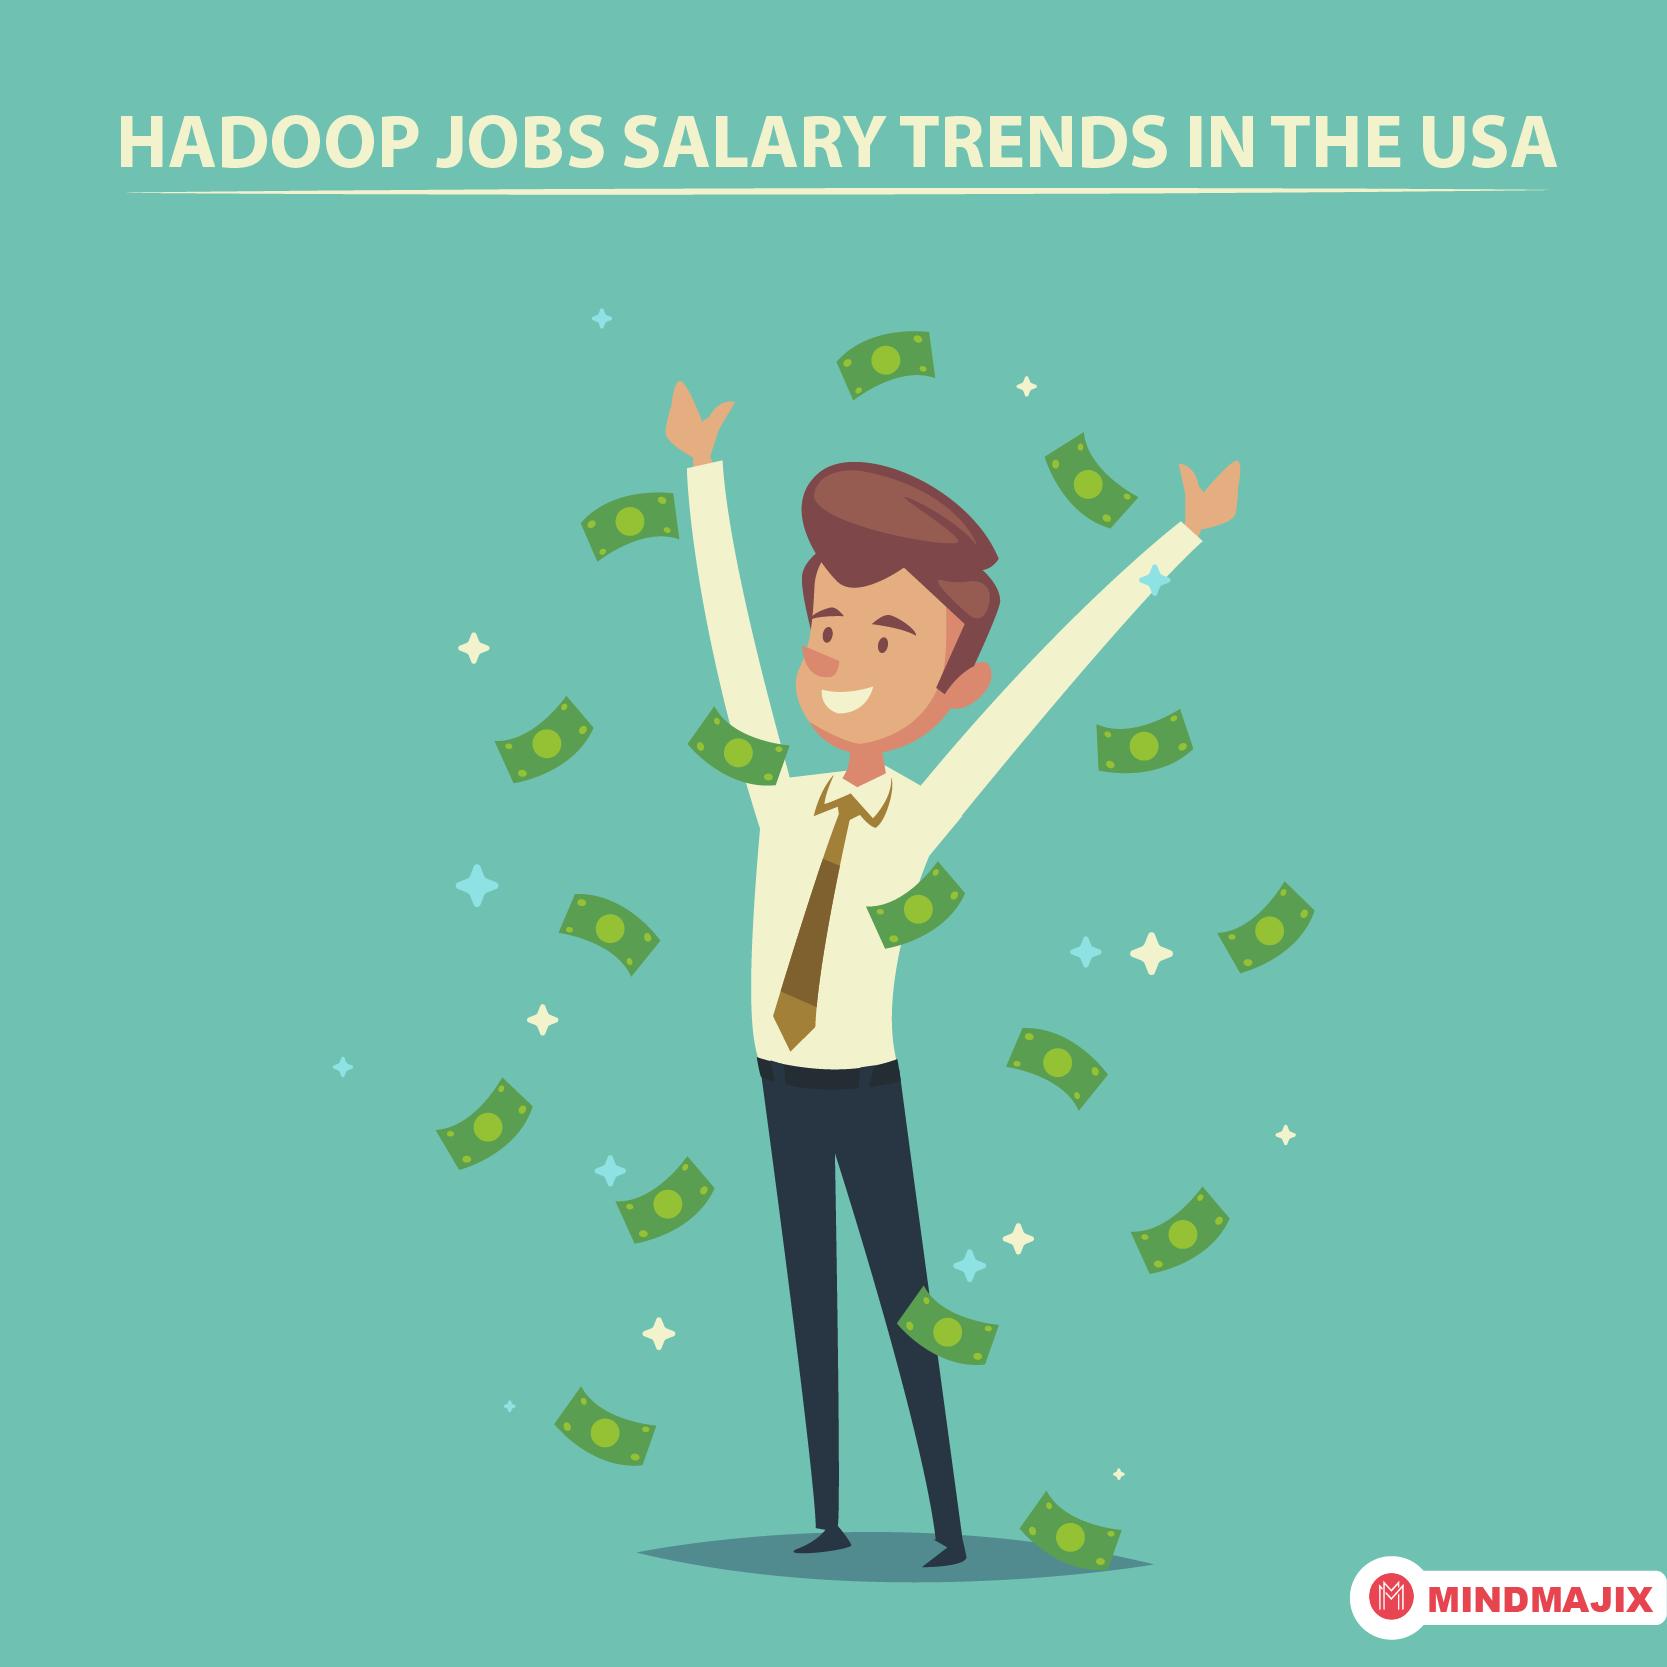 Hadoop Jobs Salary Trends in the USA